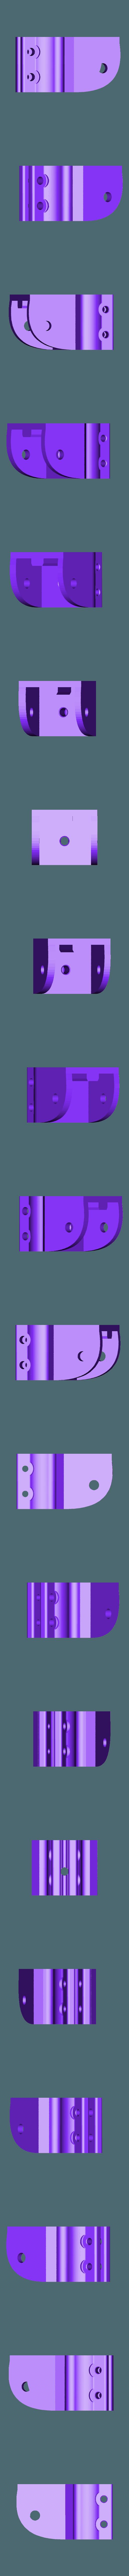 End_part_v2.STL Télécharger fichier STL gratuit Exacto coupeur de grands cercles • Modèle pour impression 3D, cristcost